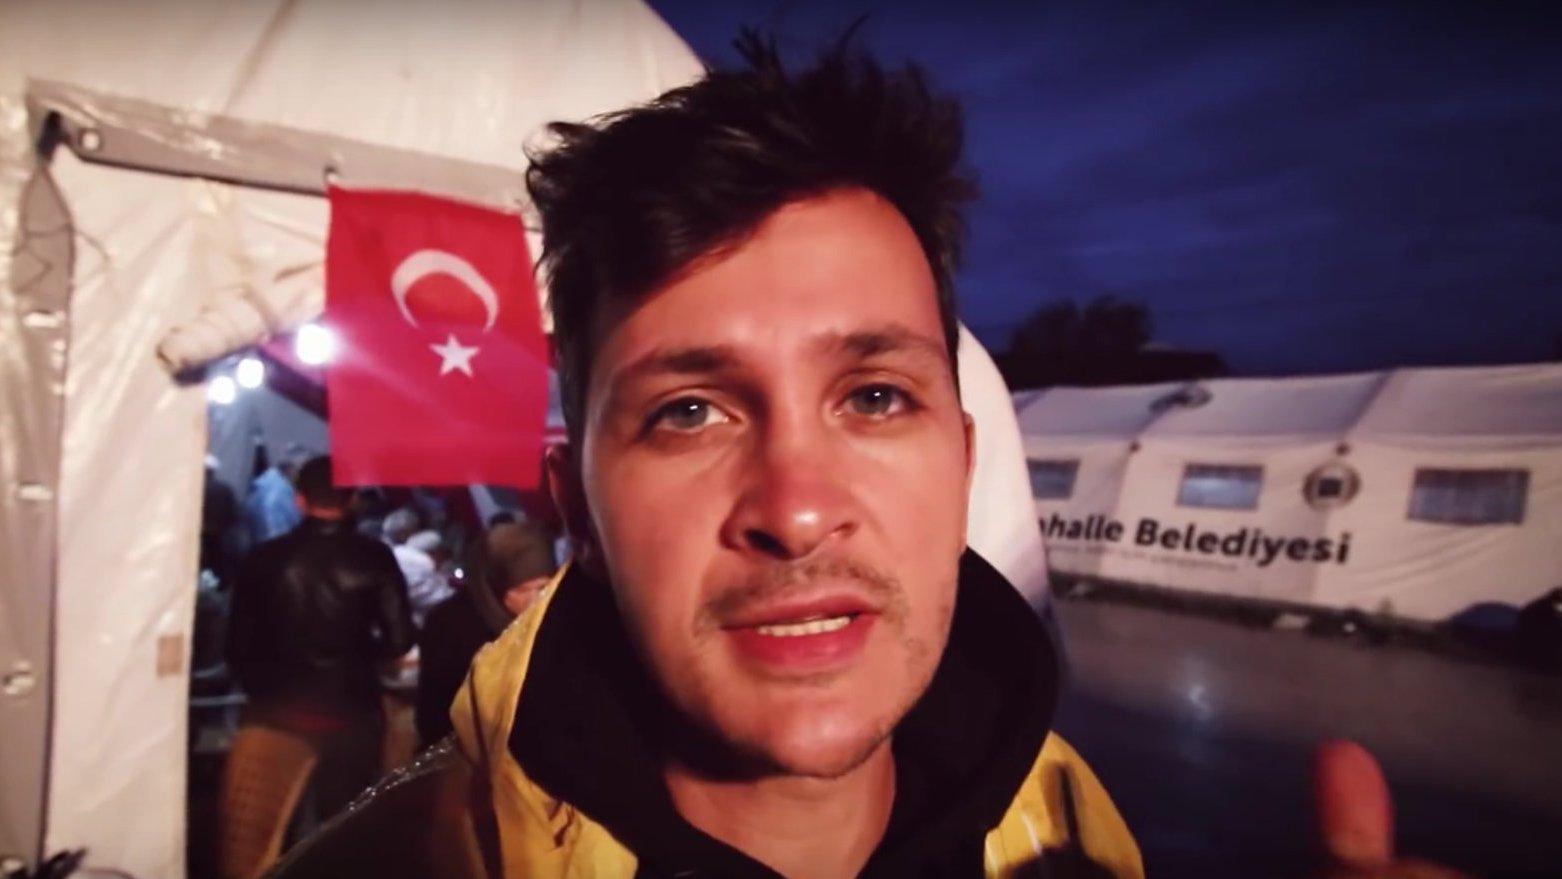 440 Kilometer für Gerechtigkeit: Protestmarsch in der Türkei